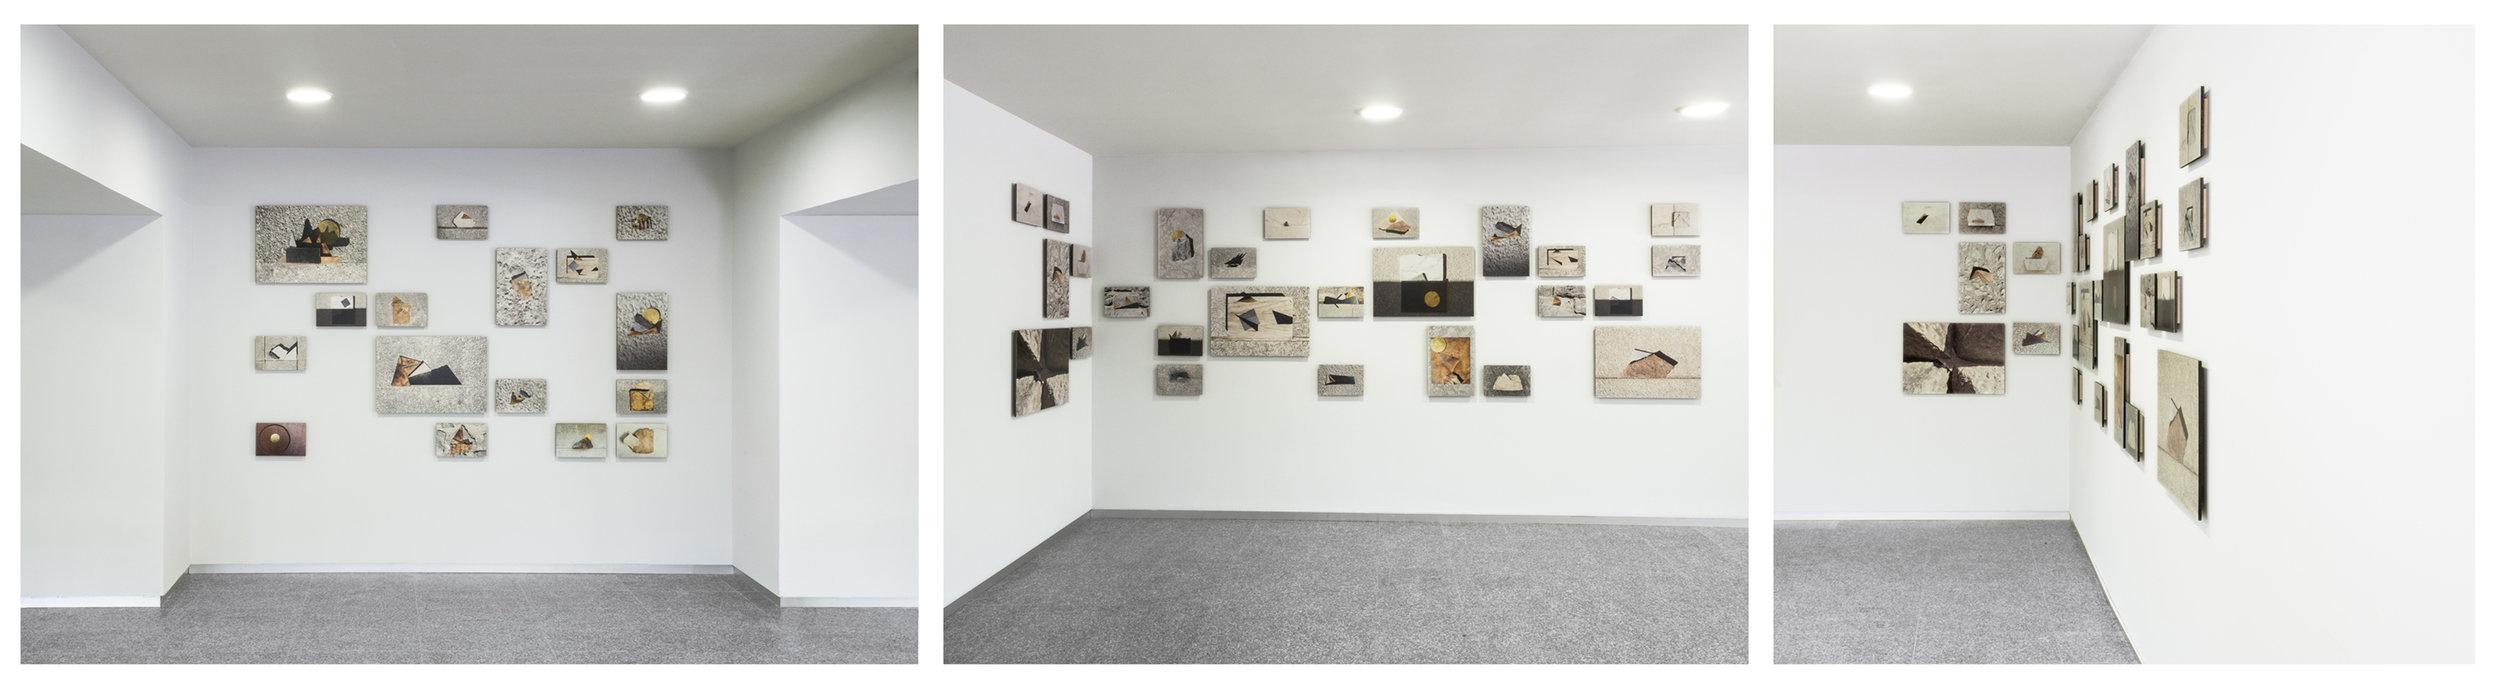 Gandiaga Gallery, ES.